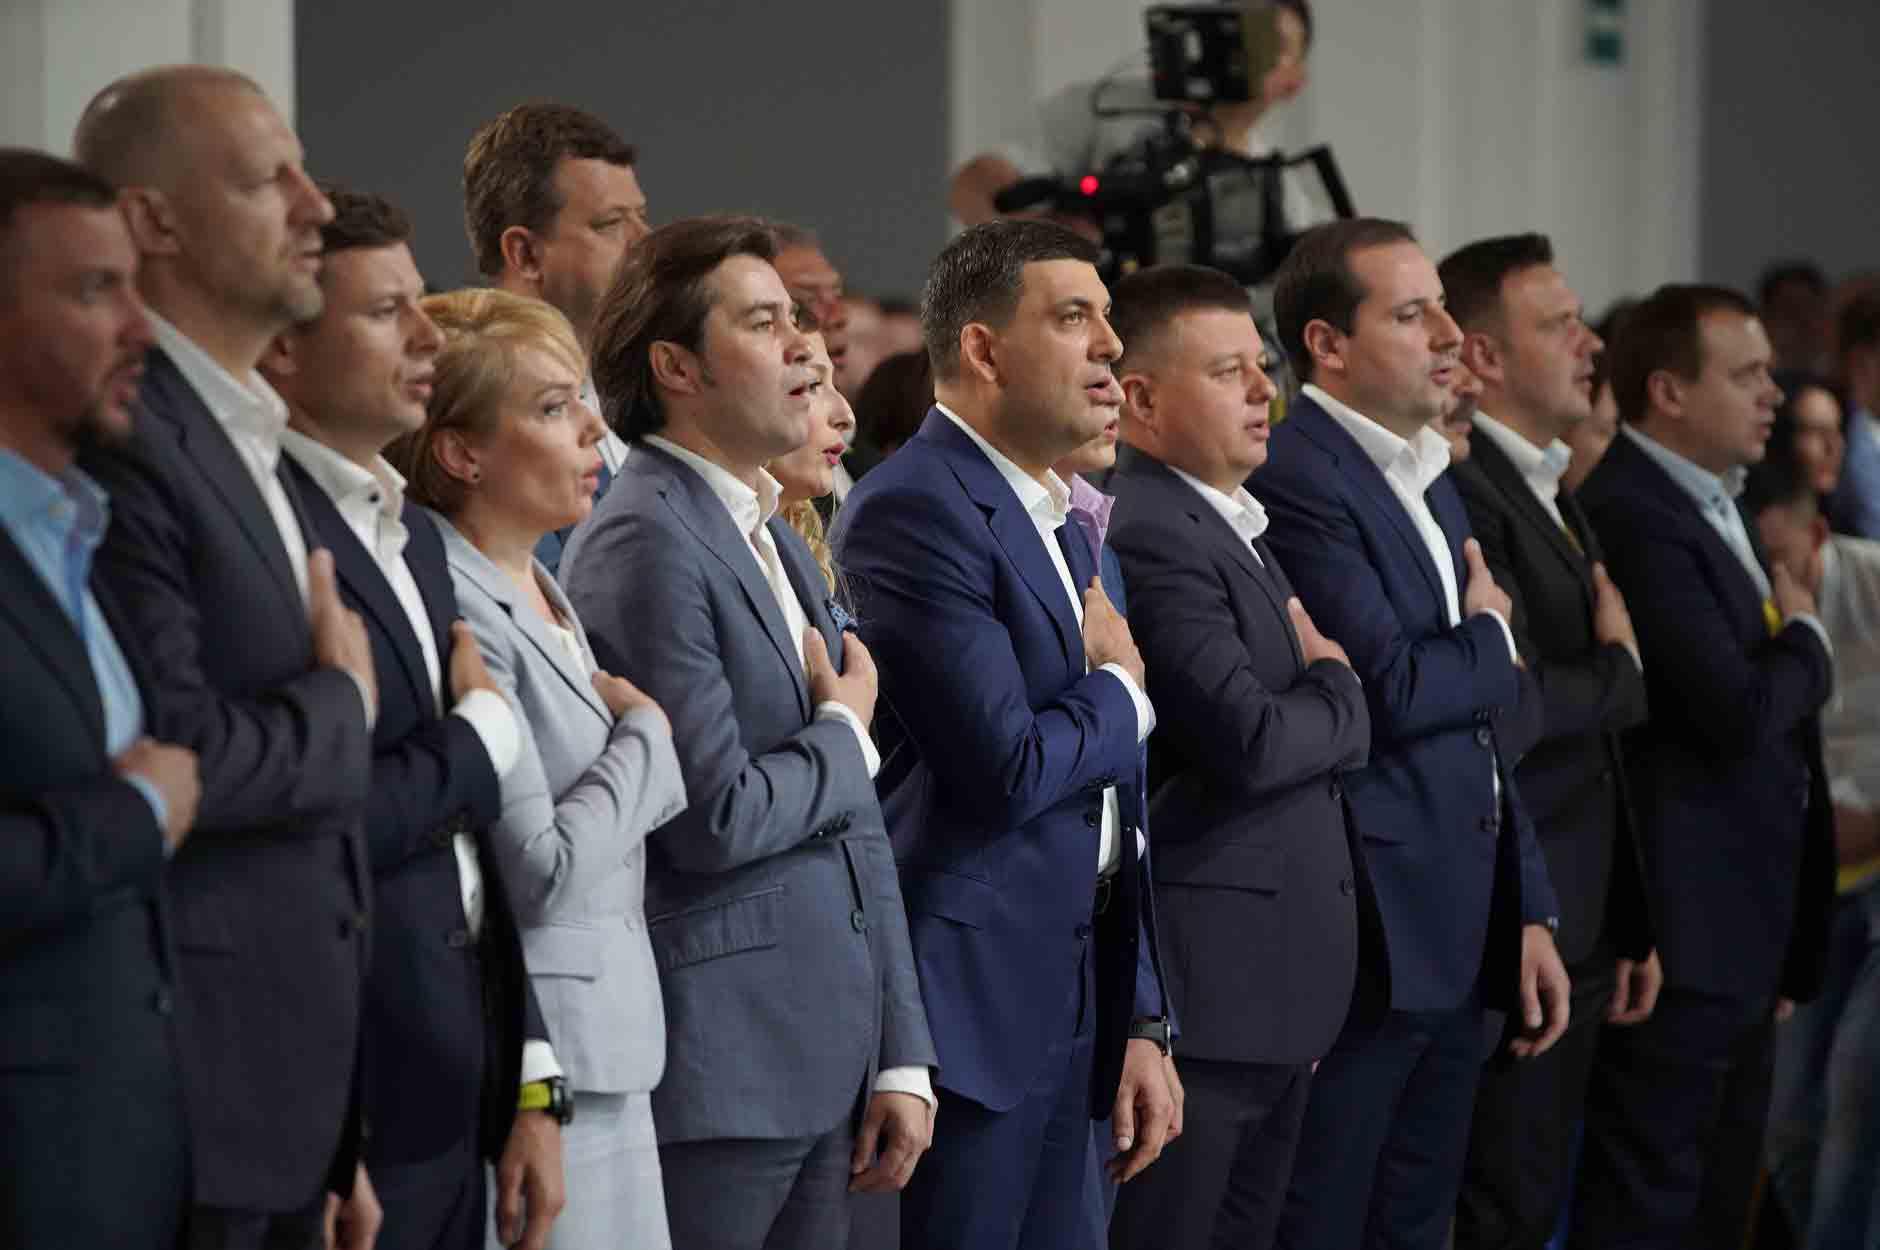 Професіоналізм і прогресивність: Прем'єр показав першу десятку «Української стратегії Гройсмана»